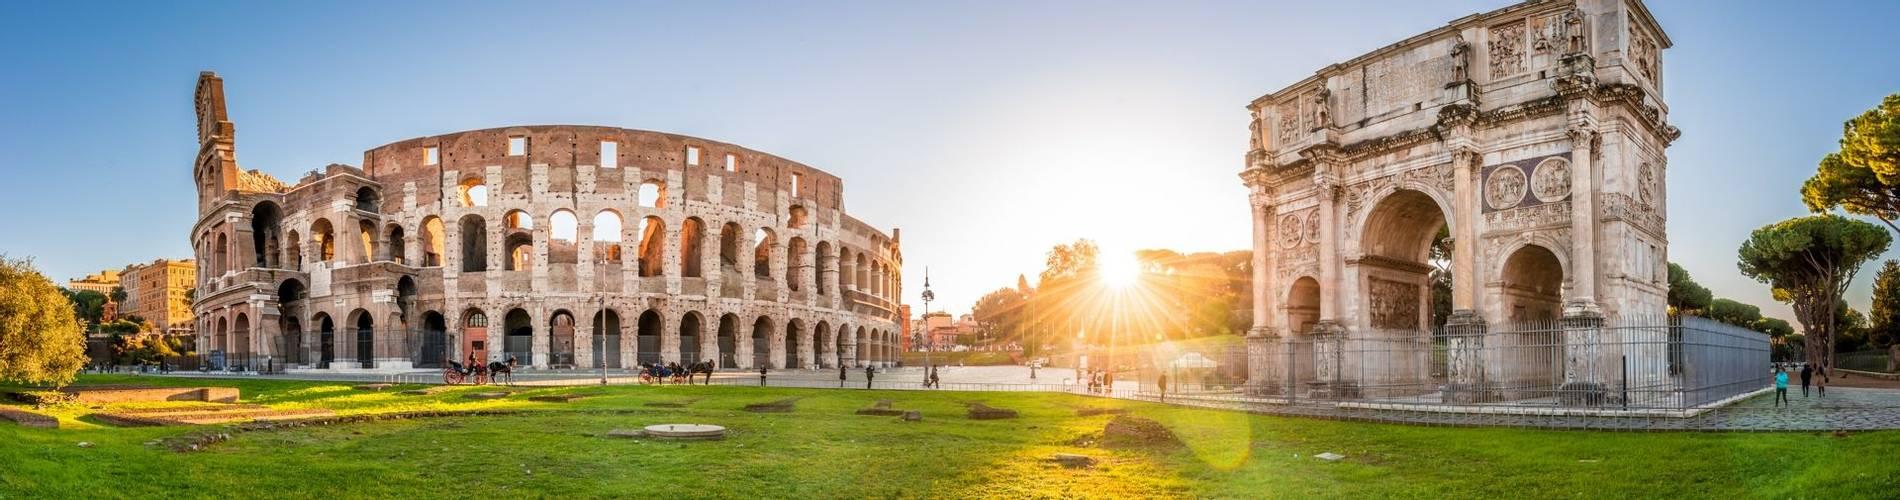 Rome JPEG.jpg